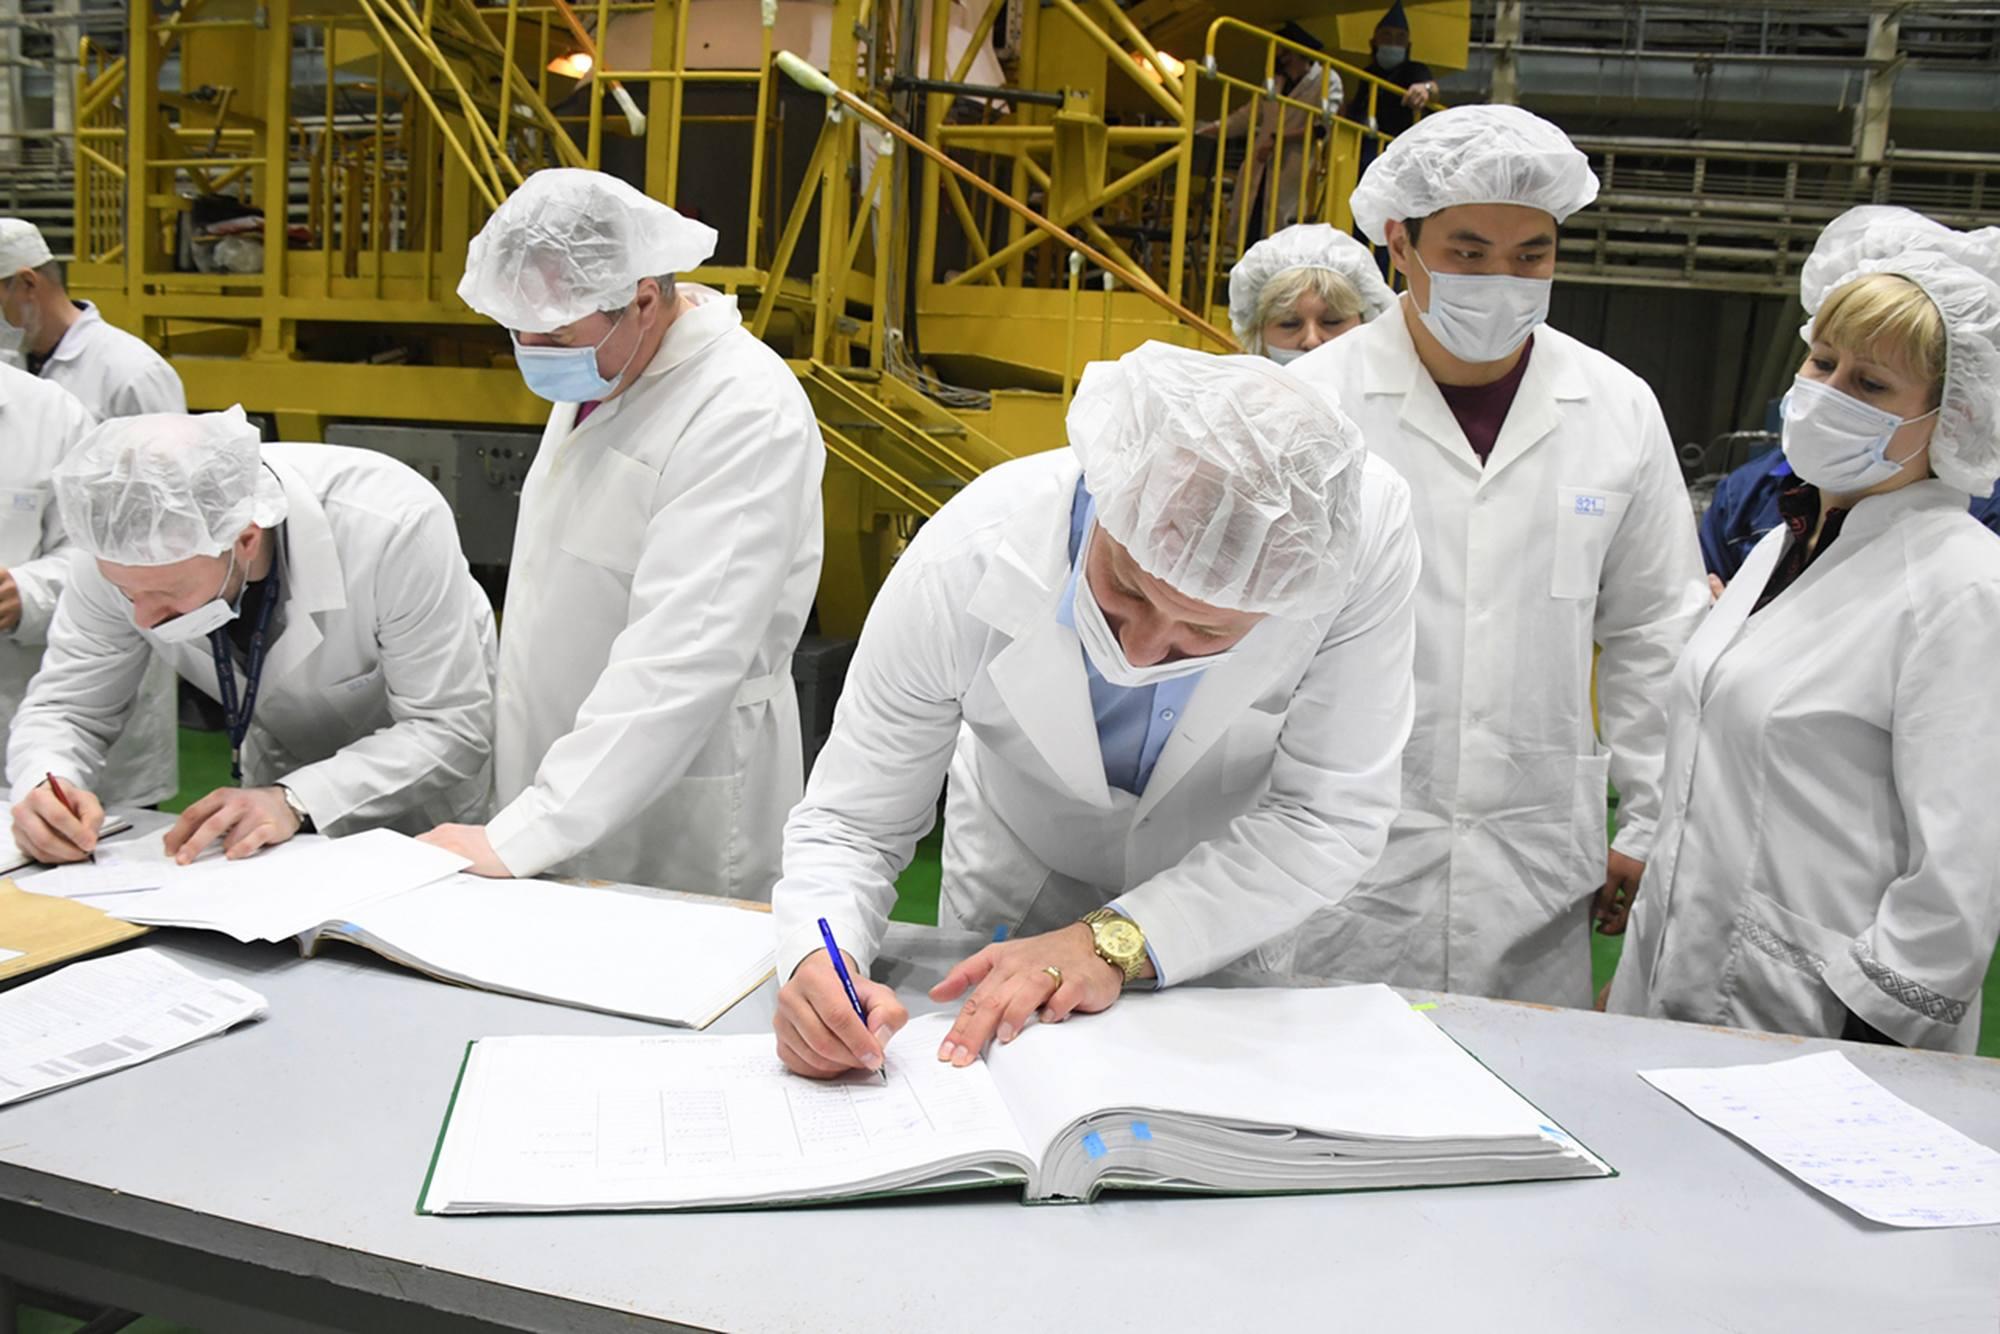 Le personnel signe le registre des différentes opérations réalisées sur le vaisseau.